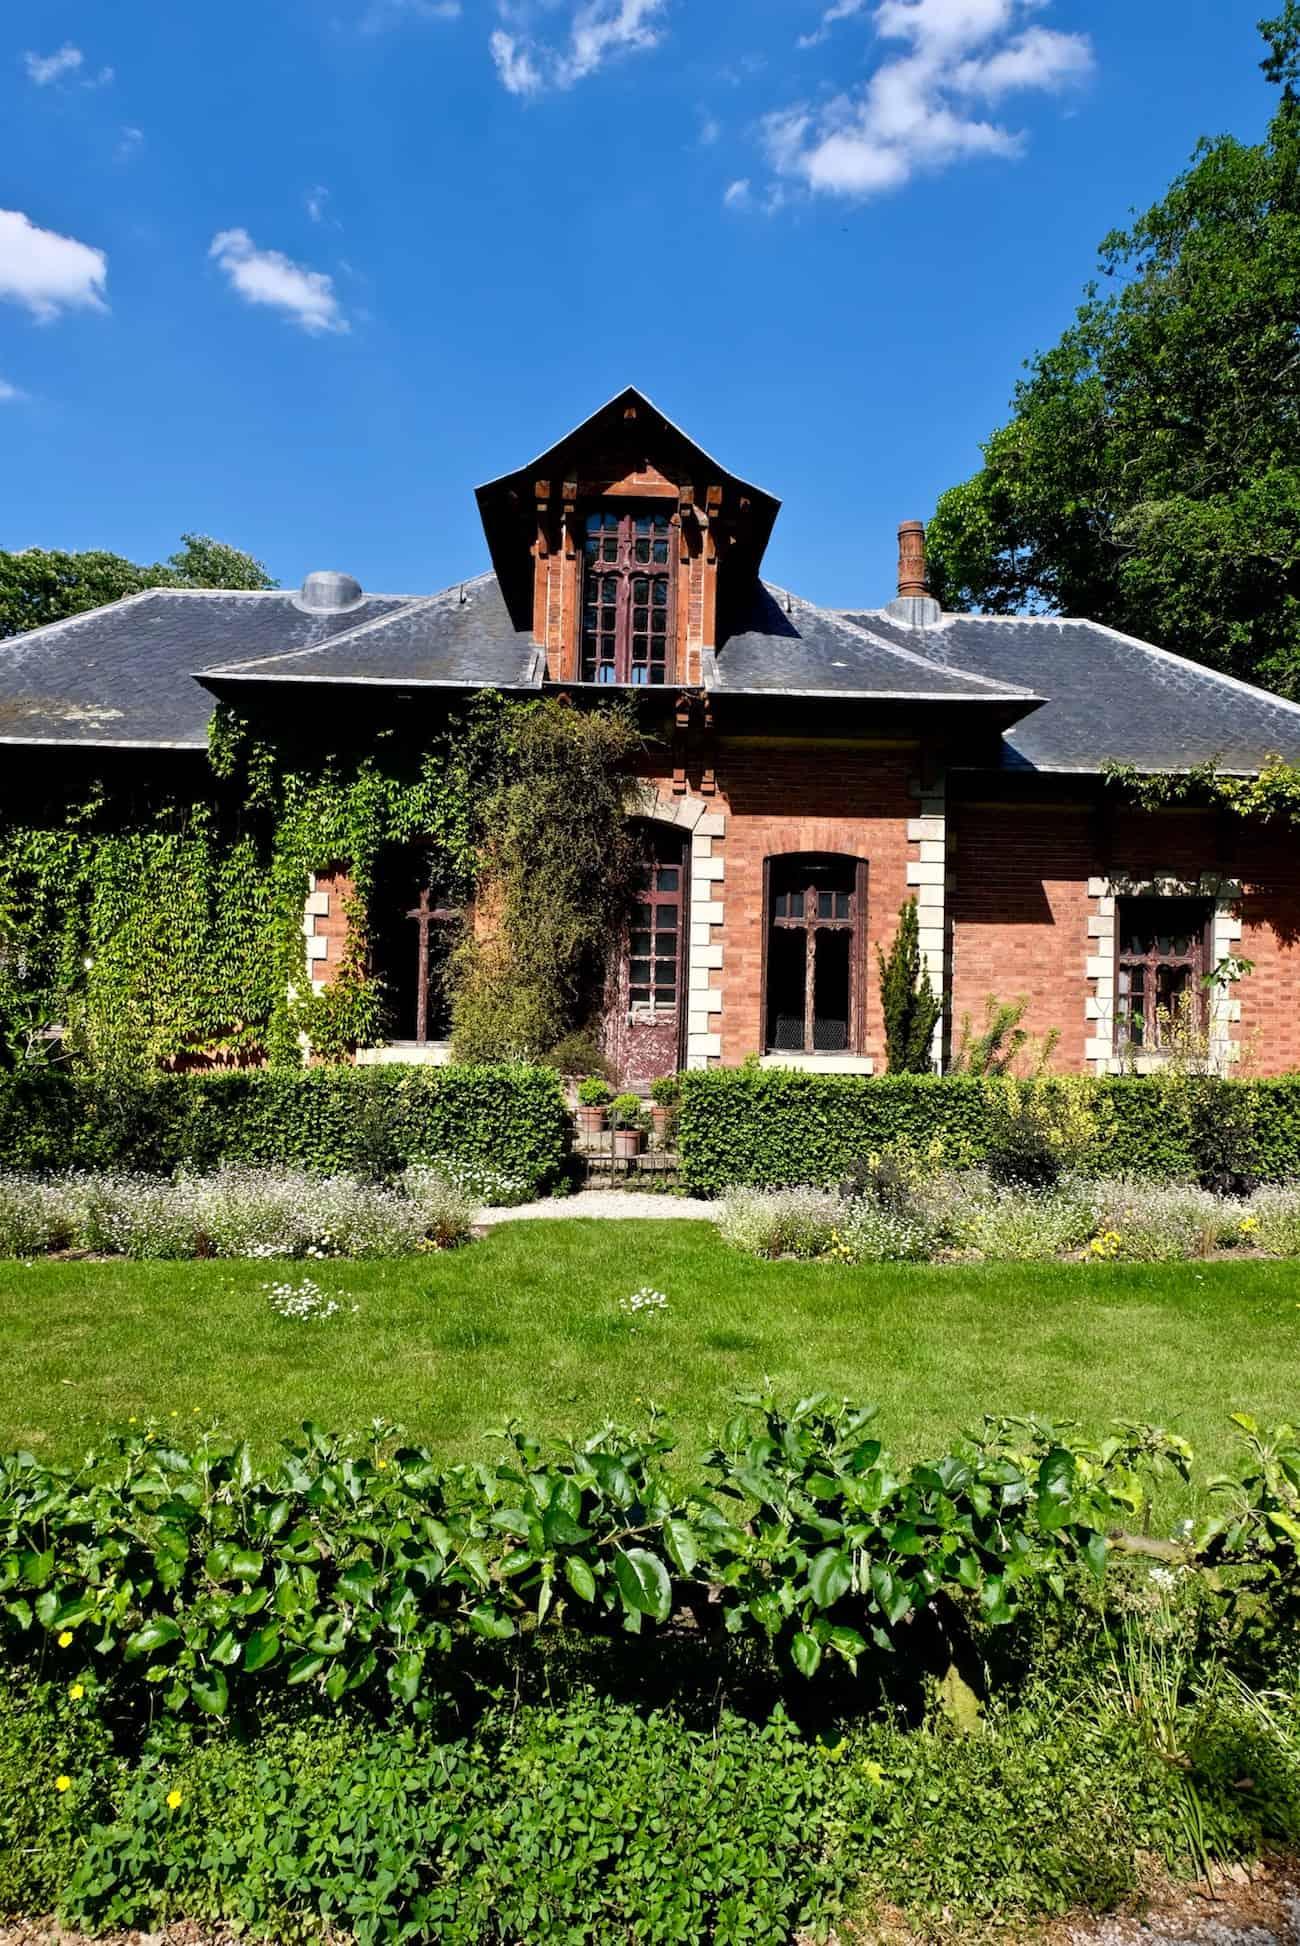 jardin-de-bagatelle-paris16-bois-de-boulogne-beau-jardin-parc-neuilly